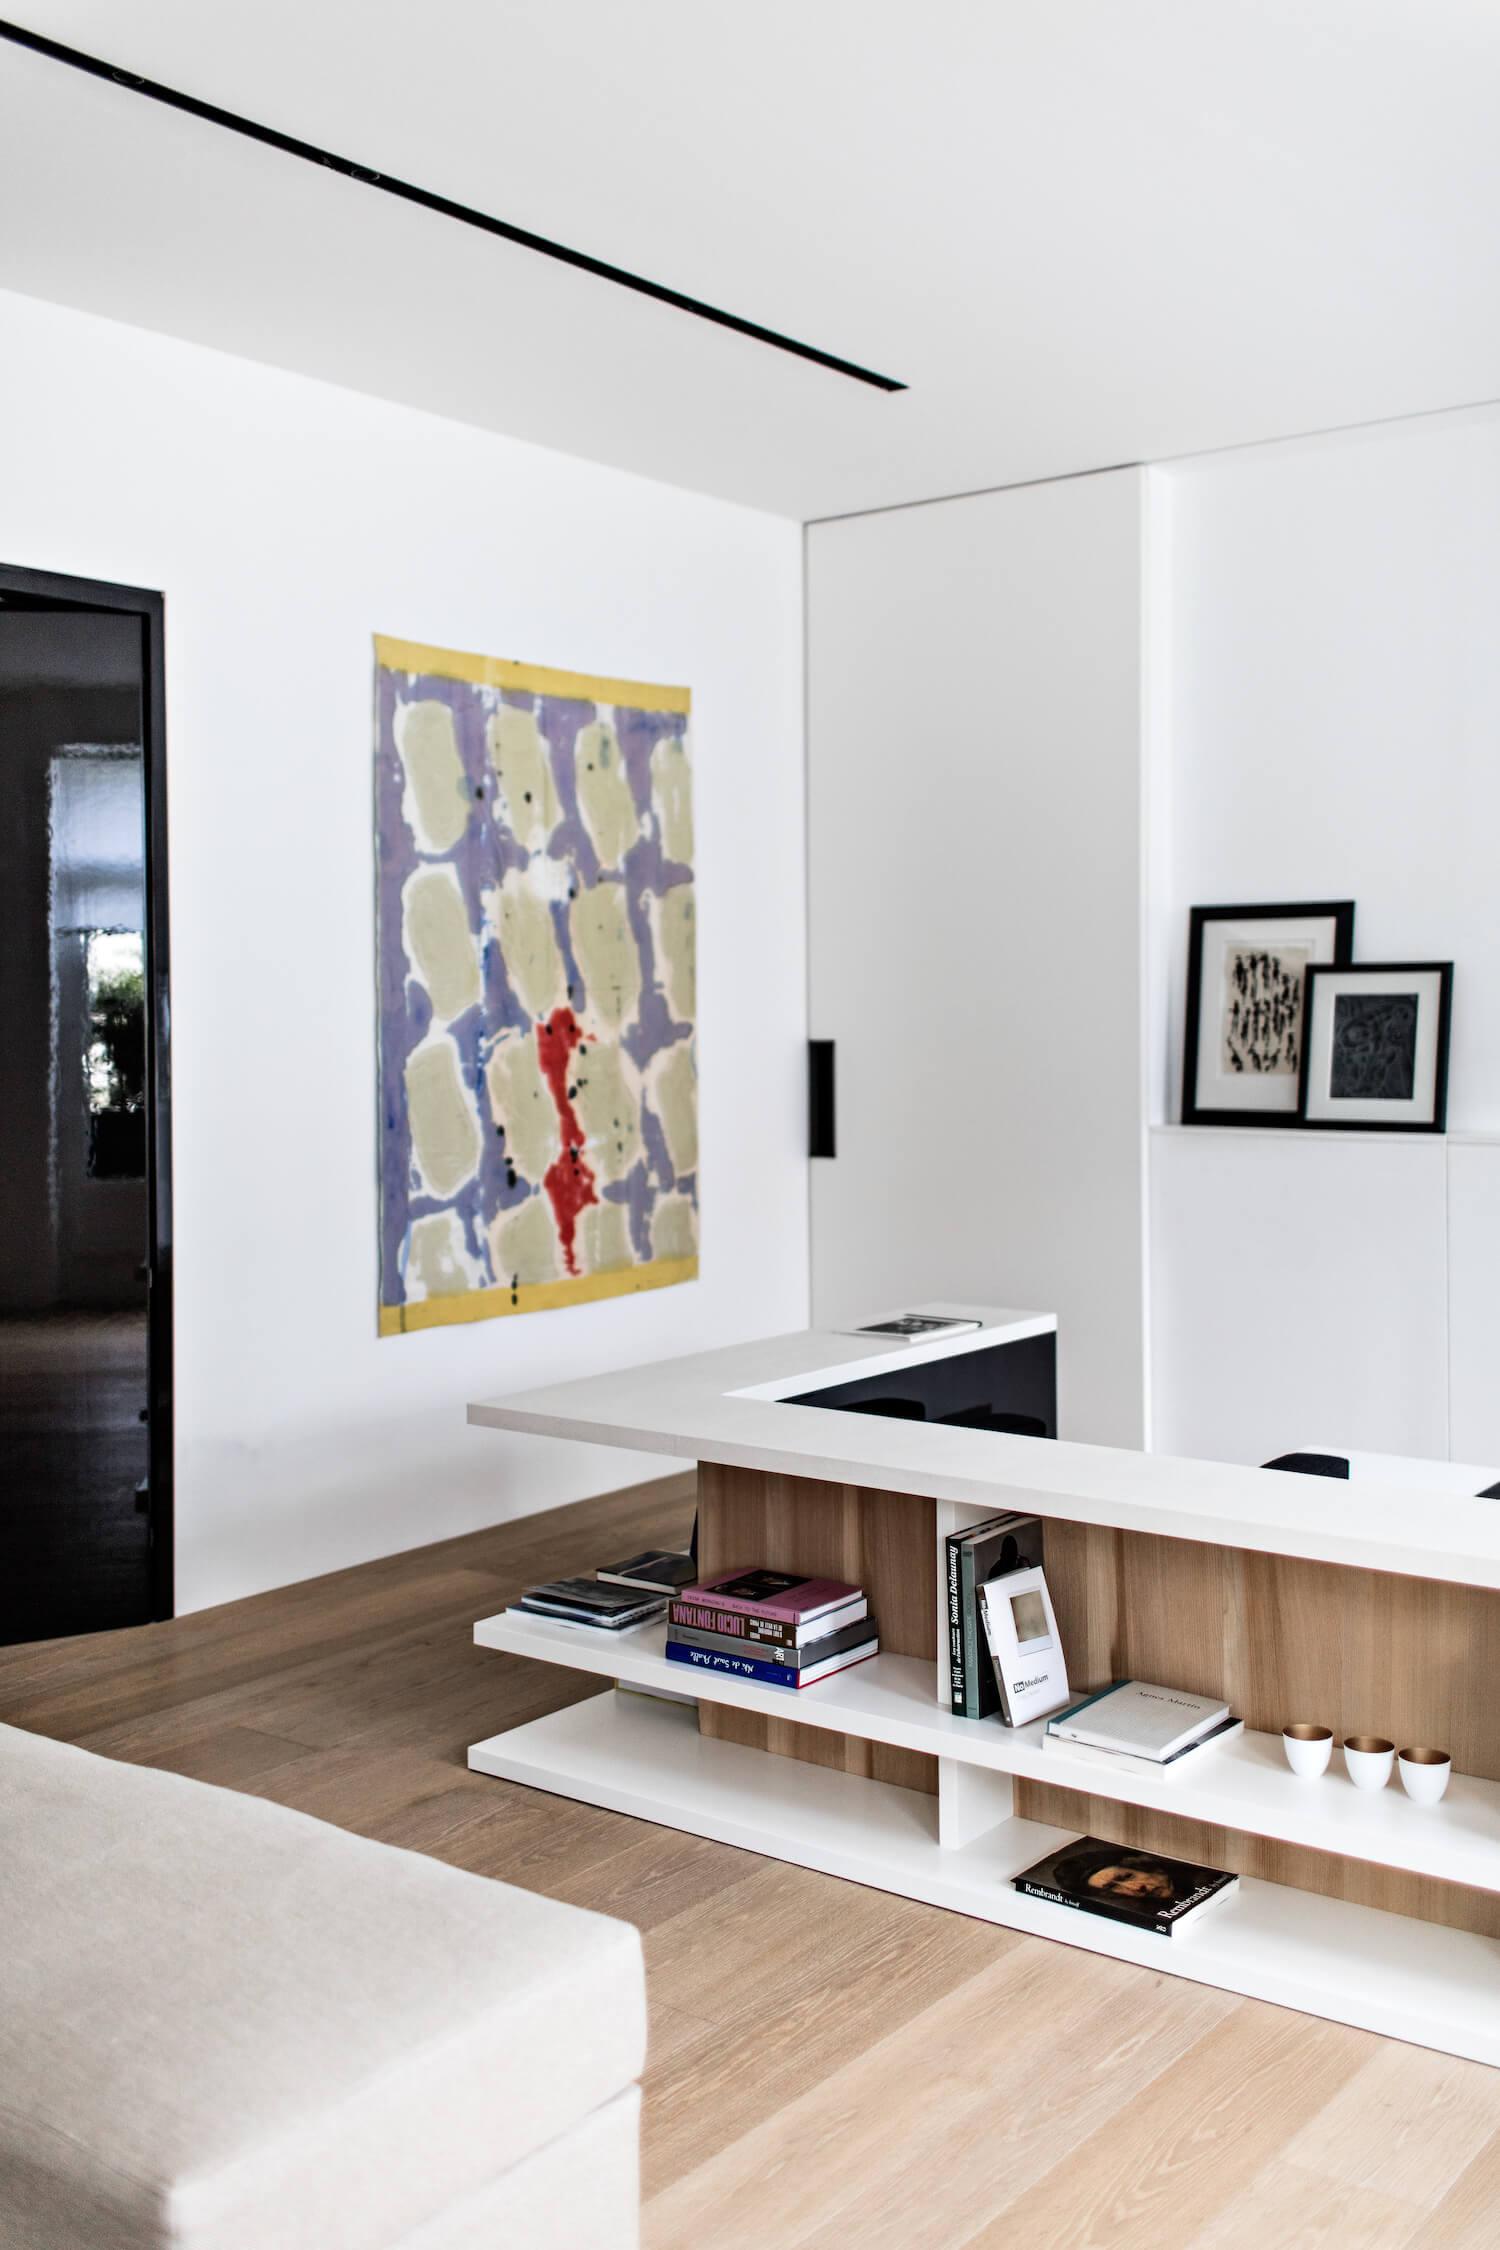 est living interiors frederic berthier saint germain apartment 8